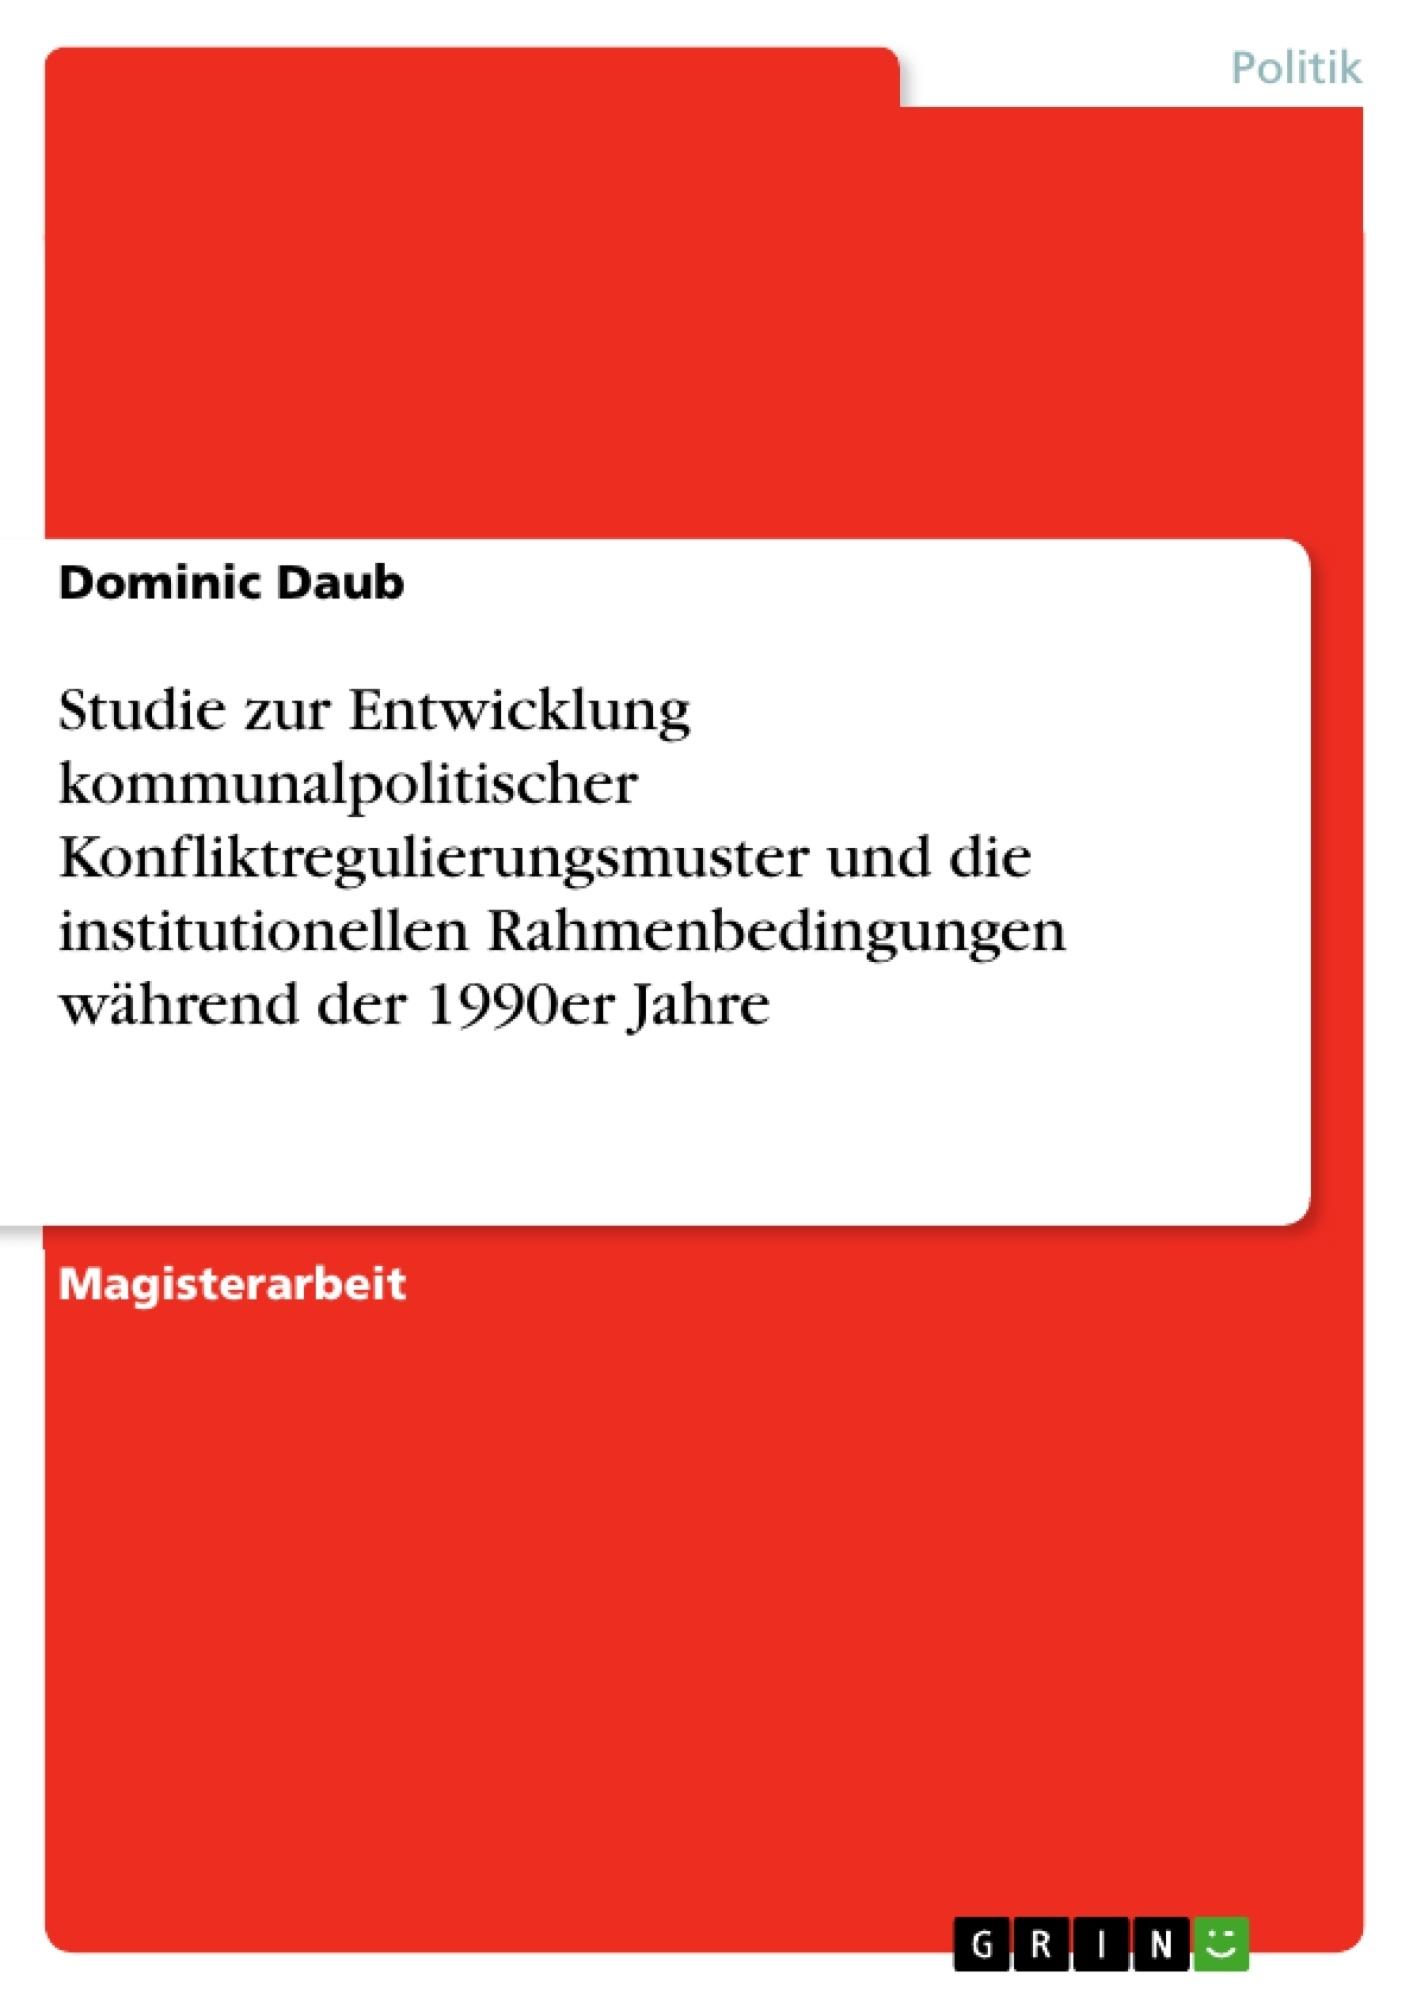 Titel: Studie zur Entwicklung kommunalpolitischer Konfliktregulierungsmuster und die institutionellen Rahmenbedingungen während der 1990er Jahre